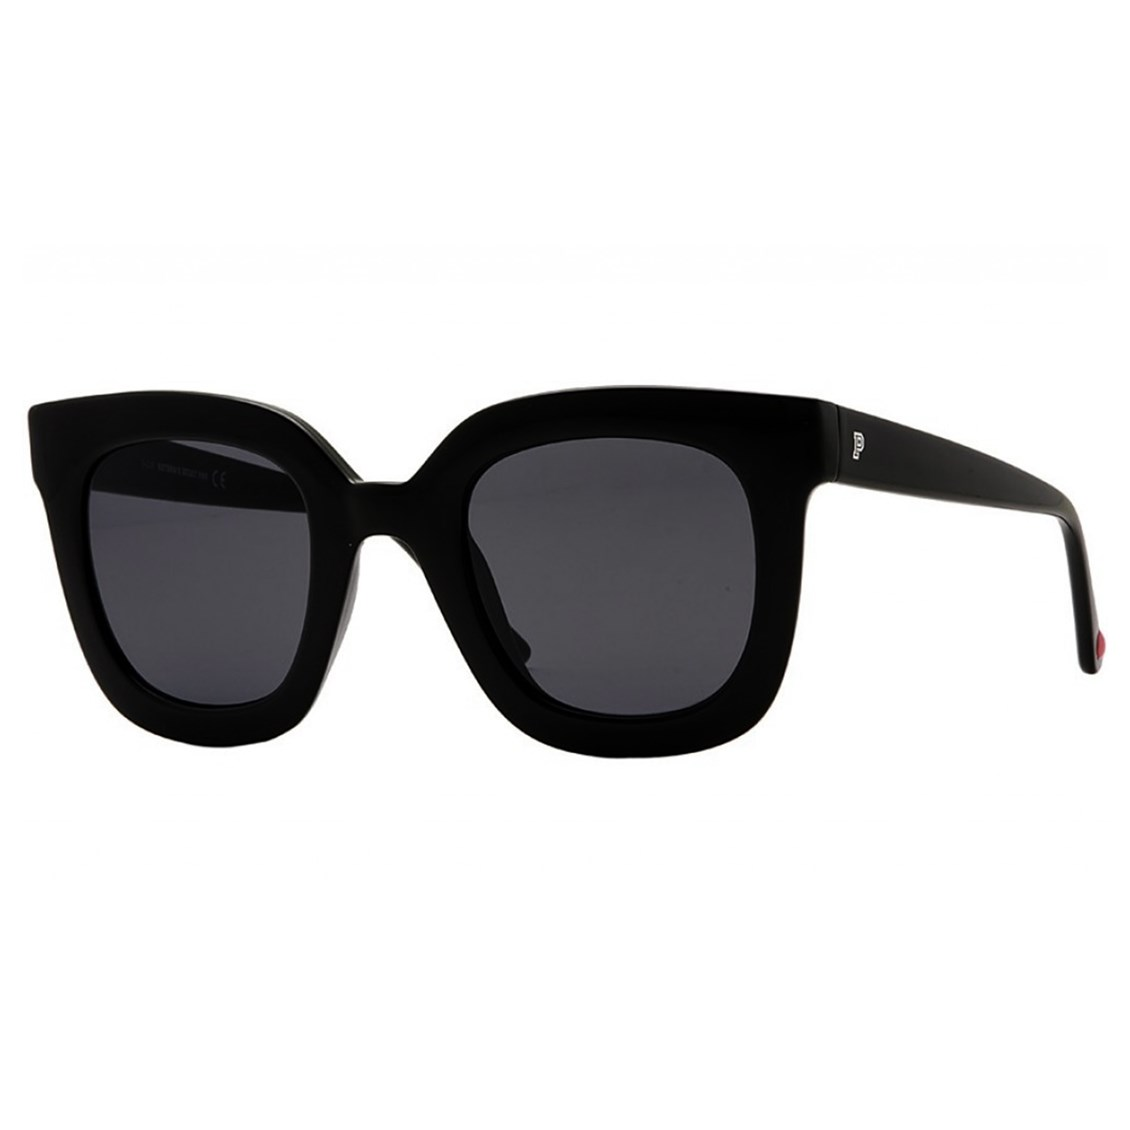 Óculos de Sol Victoria's Secret PK0024 05A-49